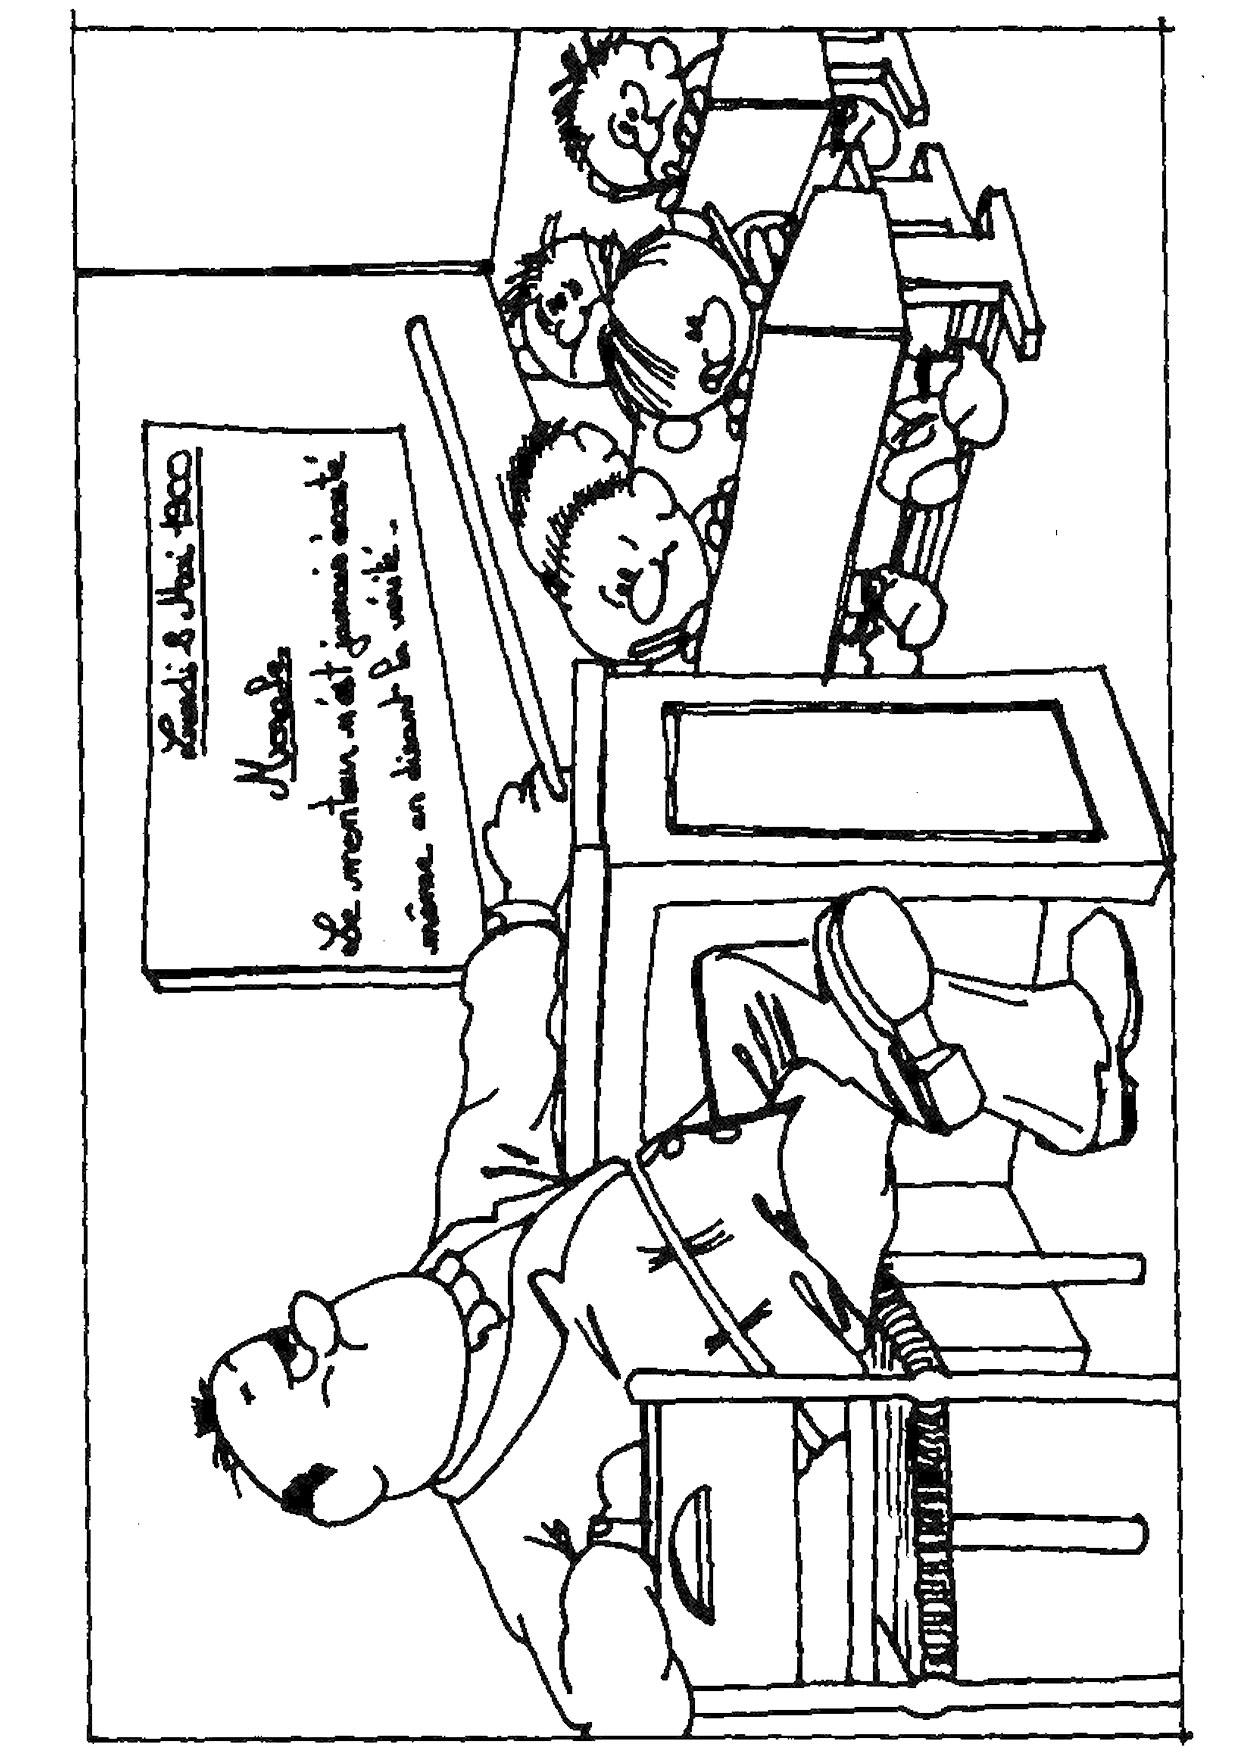 s dessin coloriage de classe d ecole a imprimer l dessincoloriage